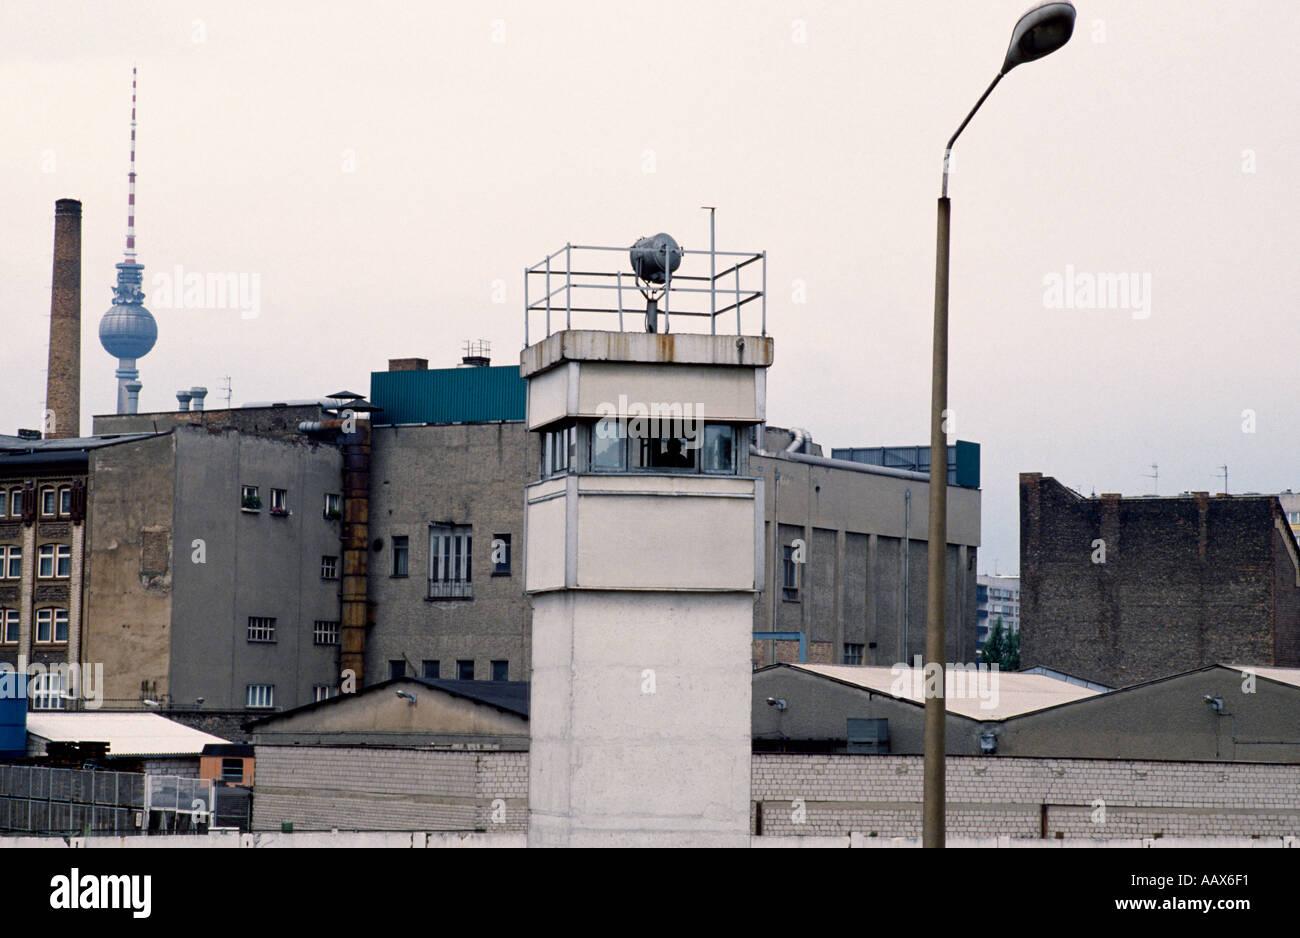 La historia de Europa. El histórico Muro de Berlín y la muerte de Gaza la atalaya en el oeste de Berlín, en Alemania, en Europa durante la Guerra Fría. Histórico Imagen De Stock